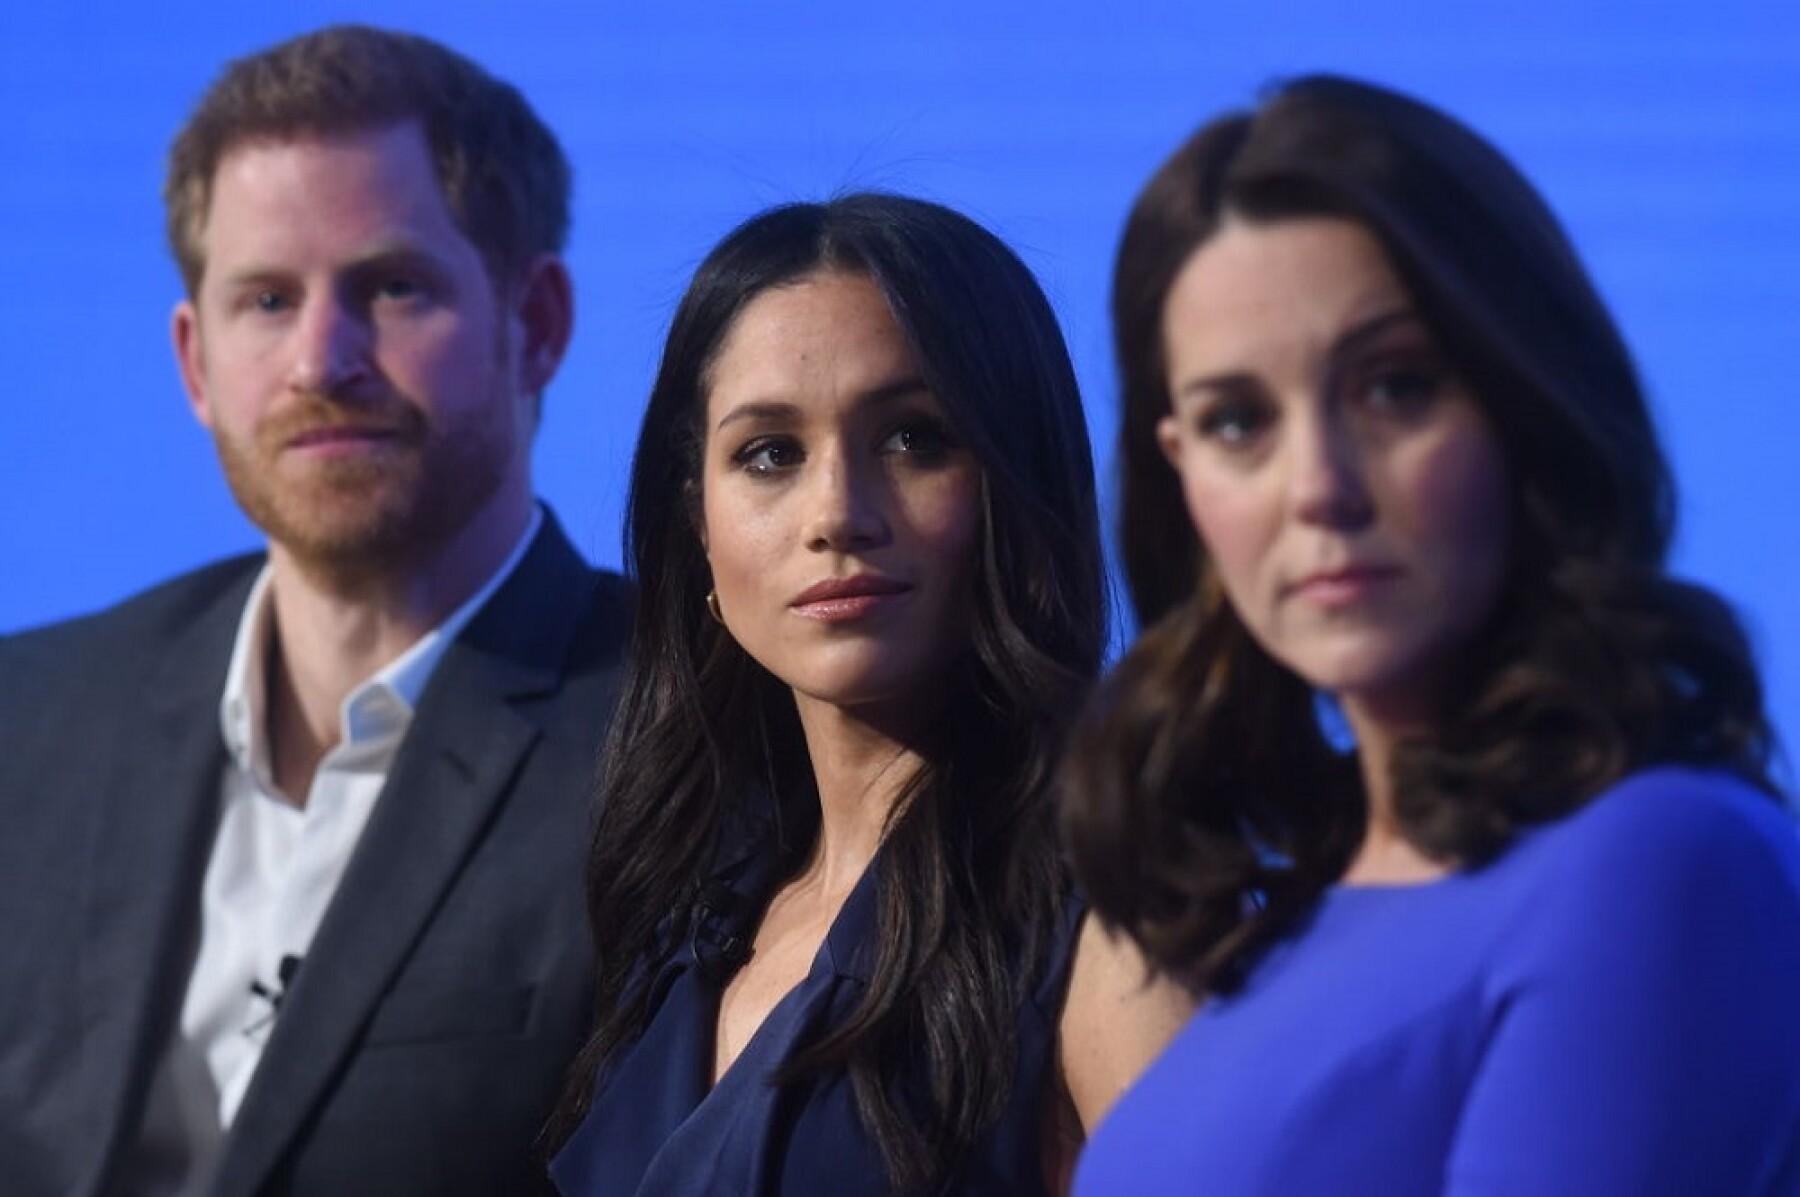 Príncipe Harry, Meghan Markle y Kate Middleton